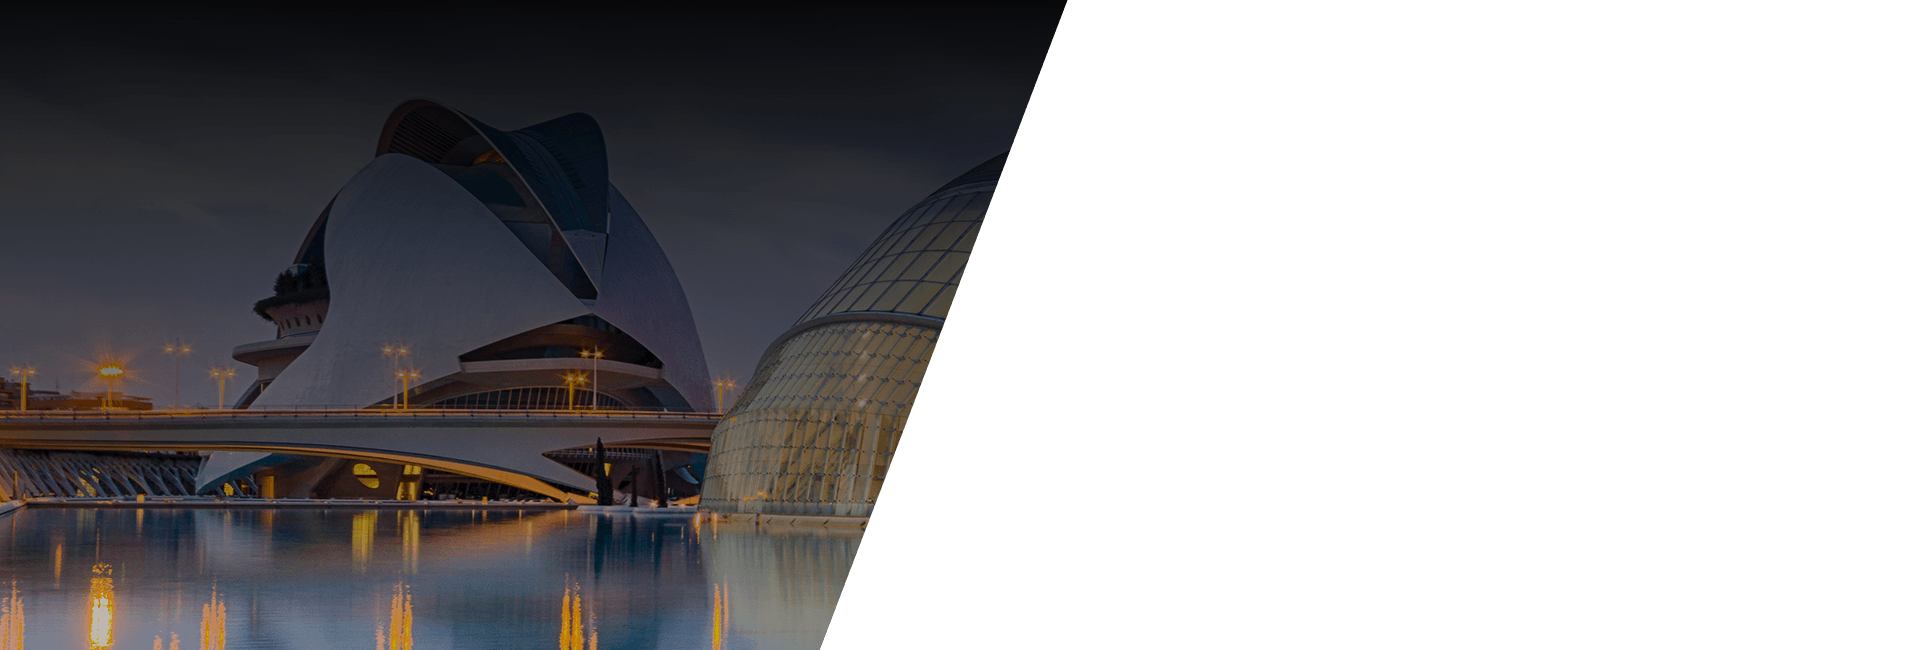 Imagen del Hemisferic y del Palau de les Arts Reina Sofia, Ciudad de las artes y las ciencias, Valencia